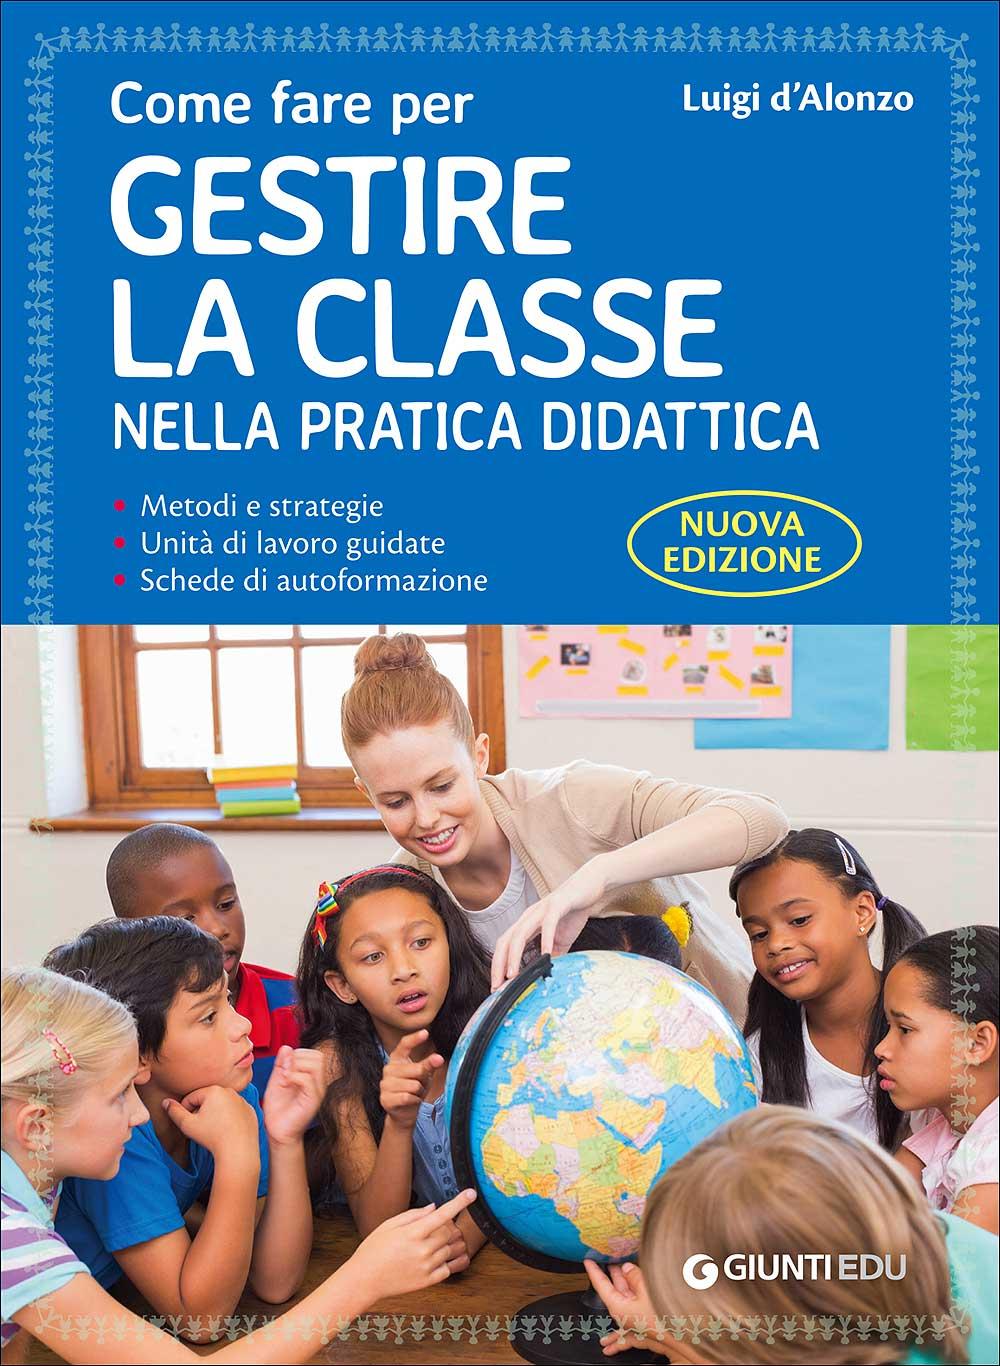 Come fare per gestire la classe nella pratica didattica